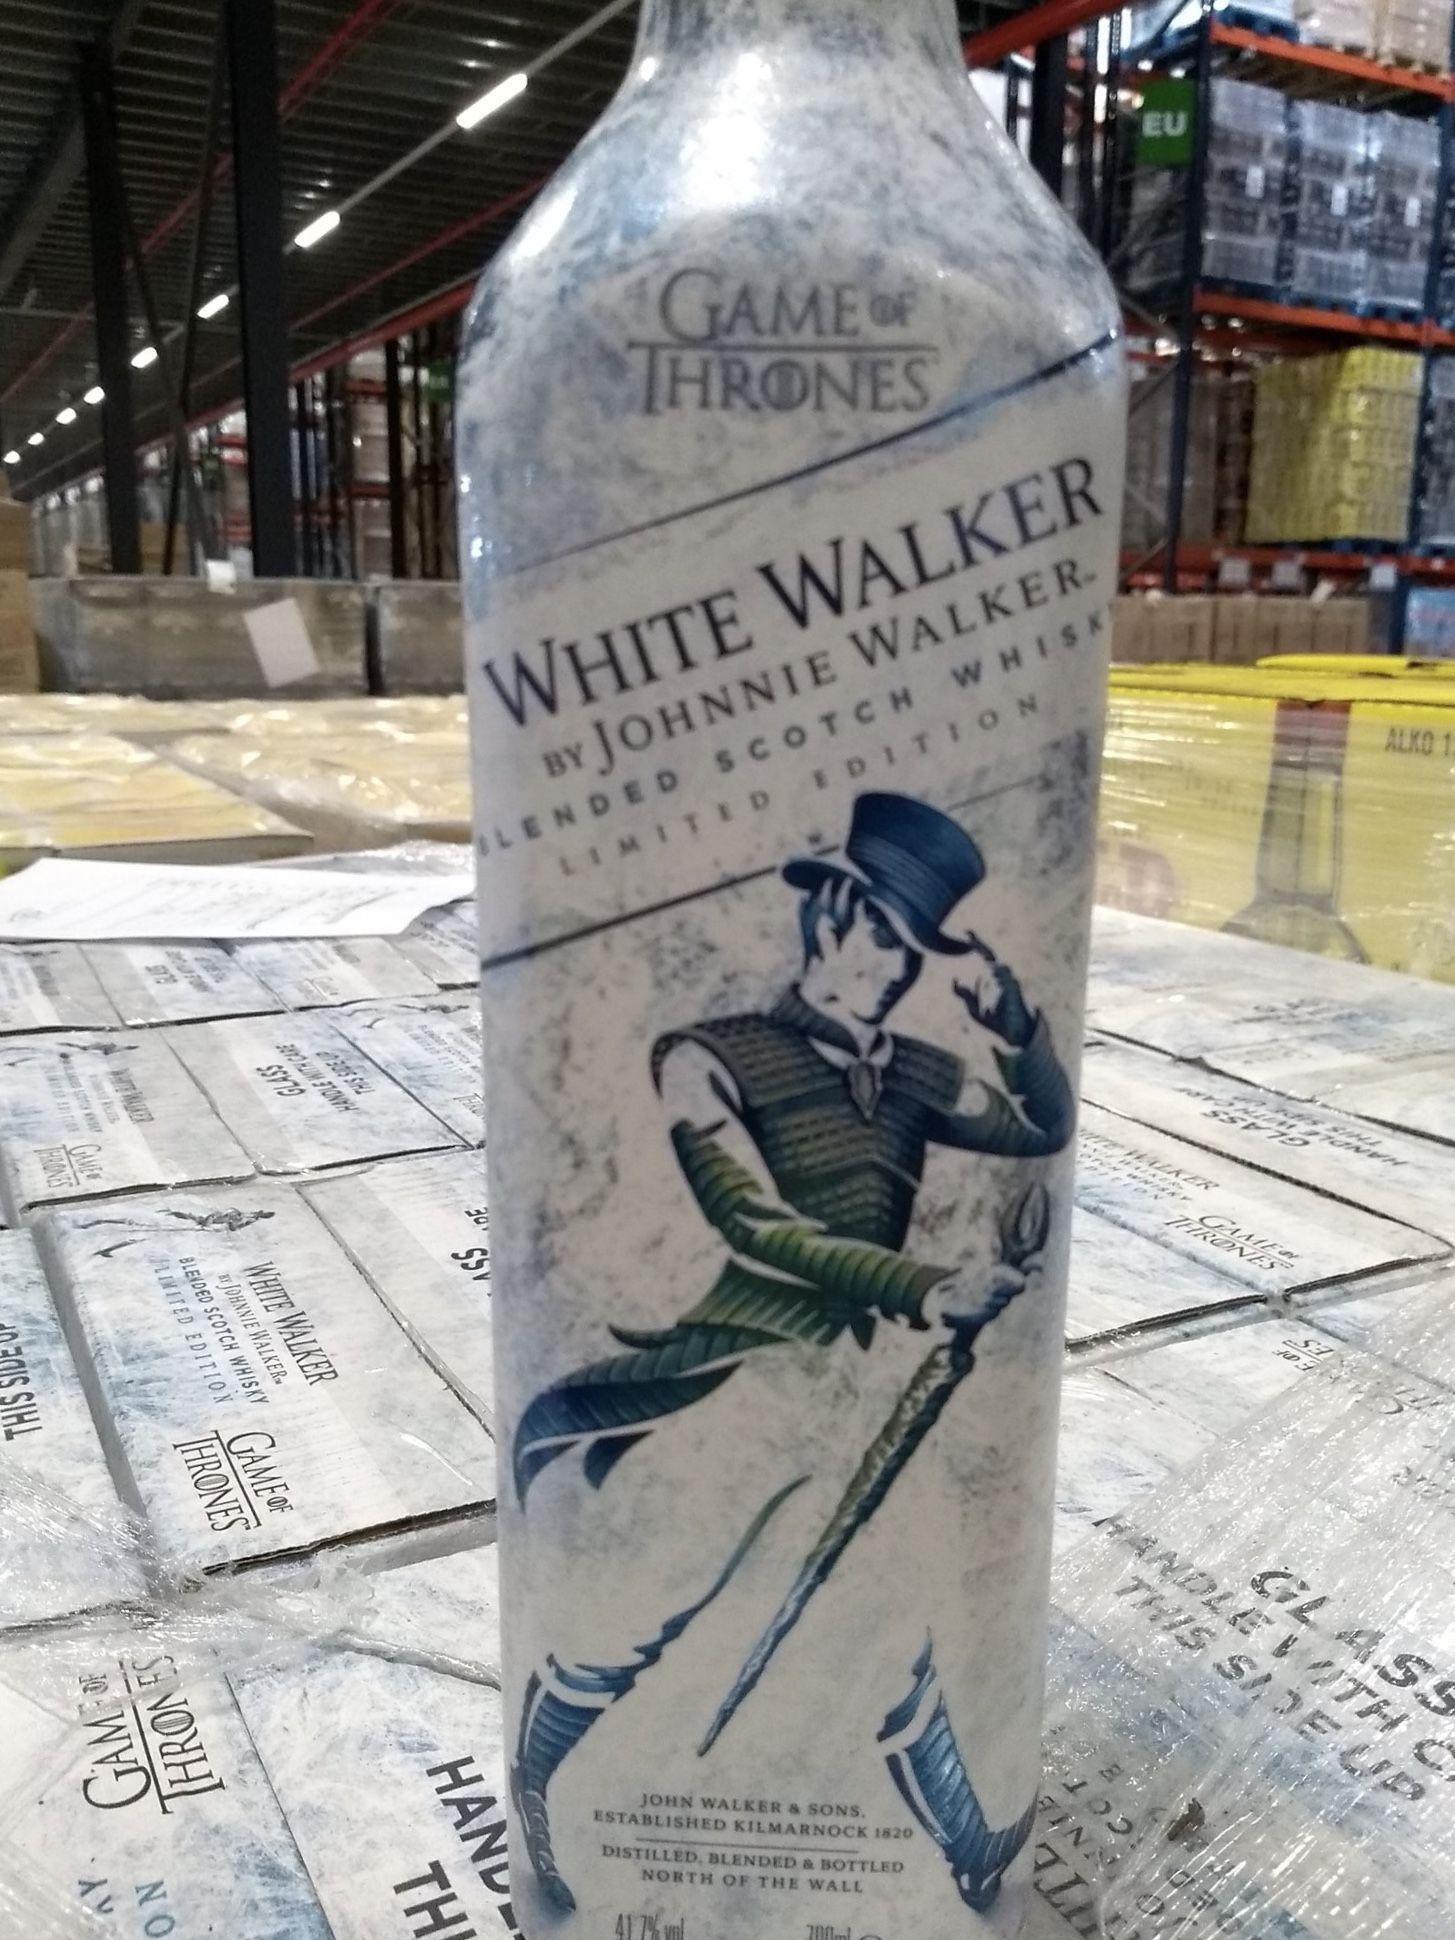 Johnnie Walker White Walker Johnnie Walker White Walker Drinks